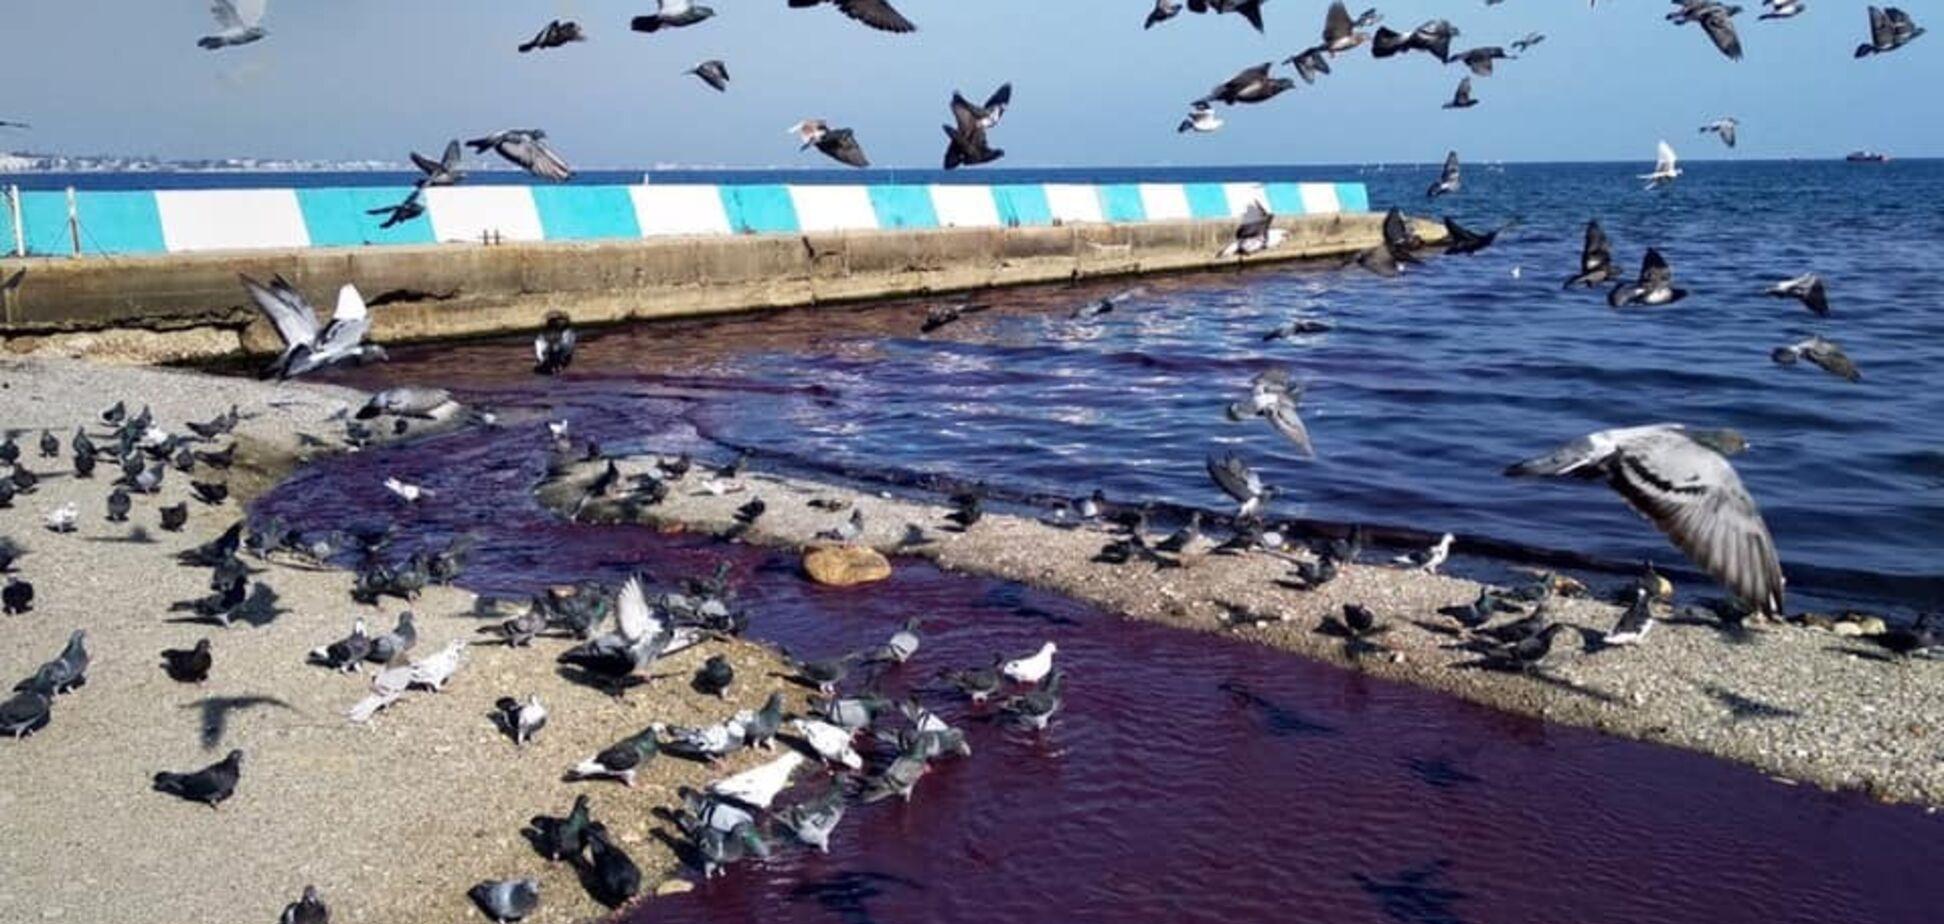 Текут фиолетовые реки: в Крыму произошло ЧП с Черным морем. Фото и видео